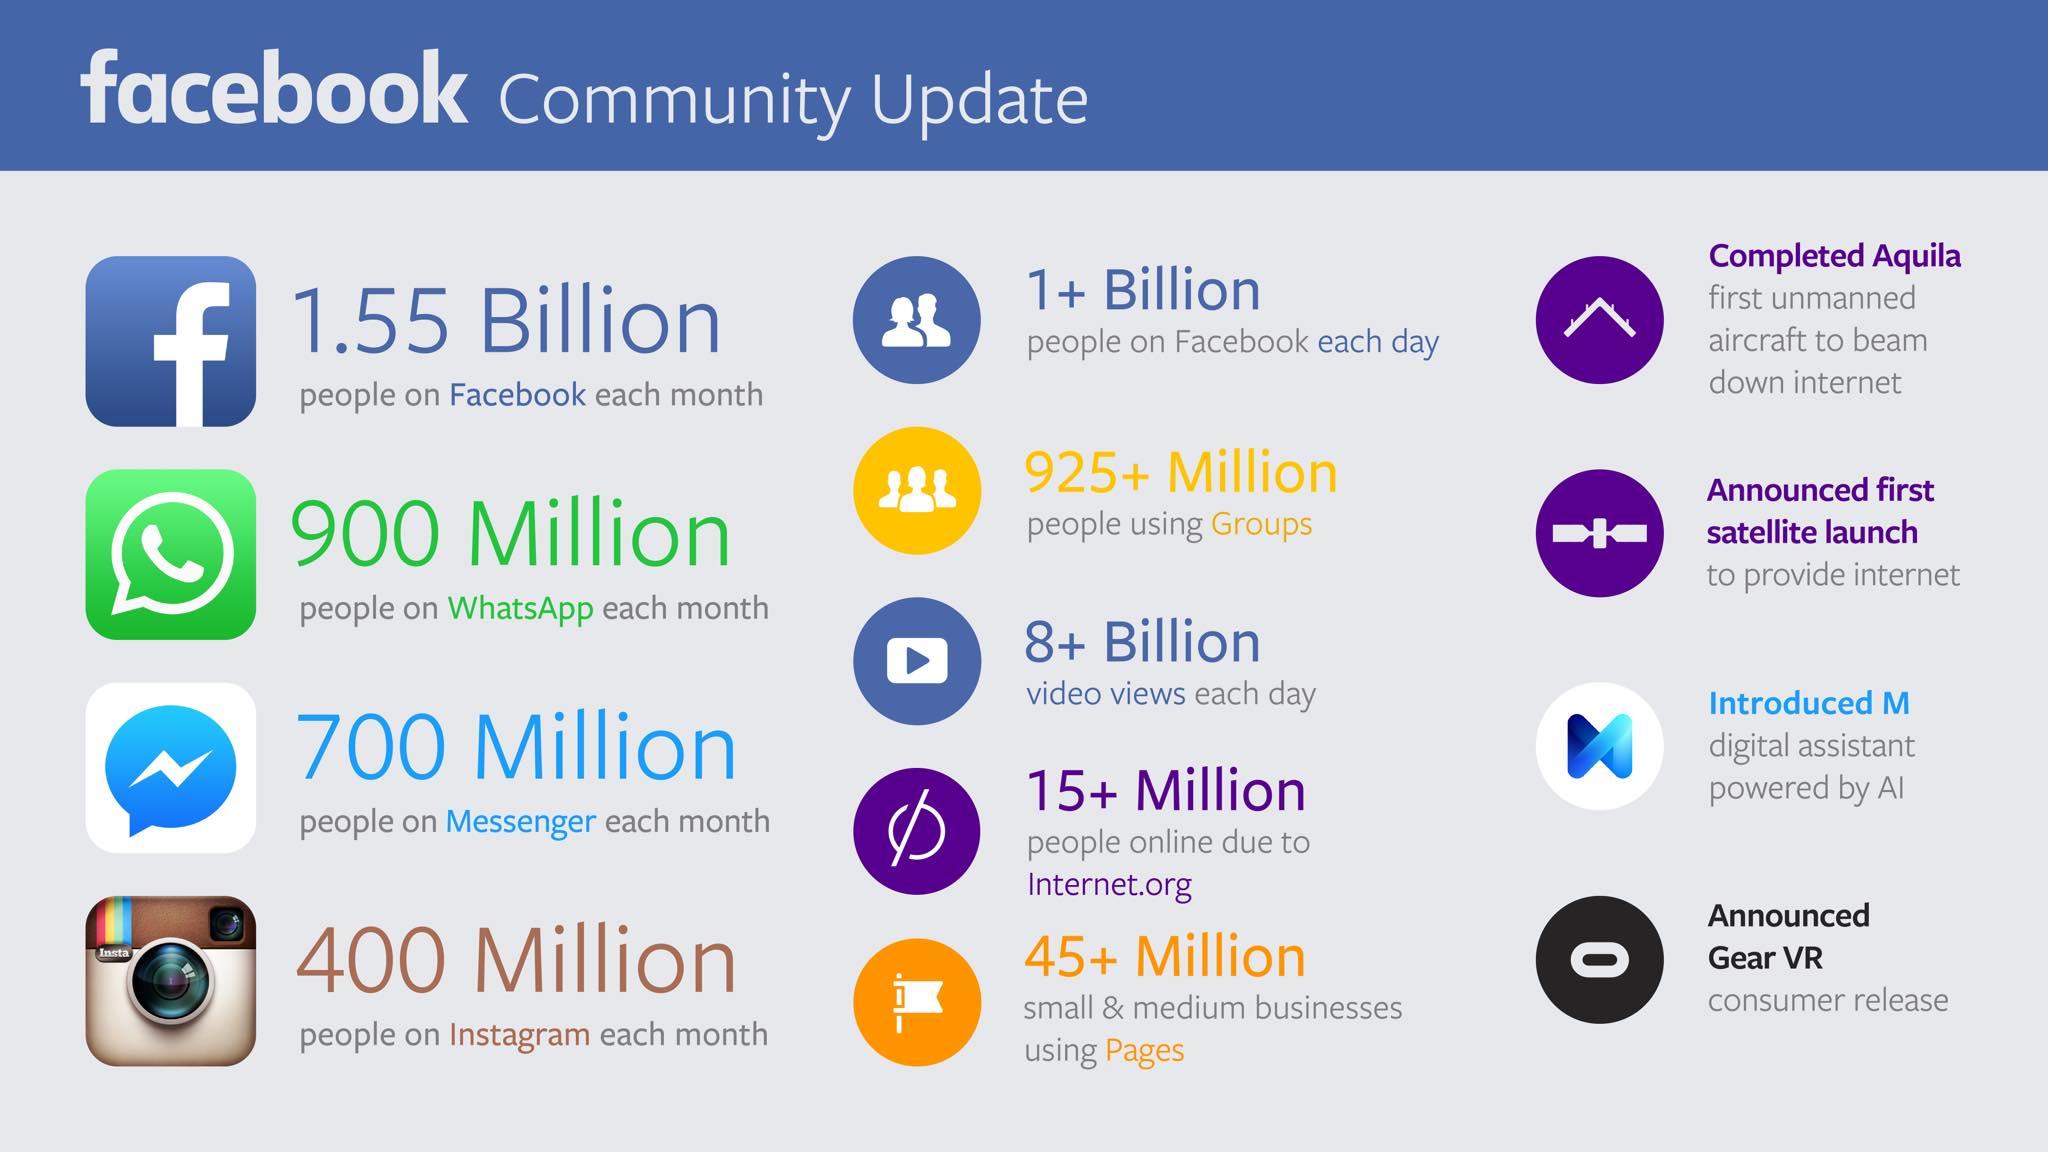 Facebook-ի ամսական օգտատերերի թիվը կազմում է 1.55 մլրդ